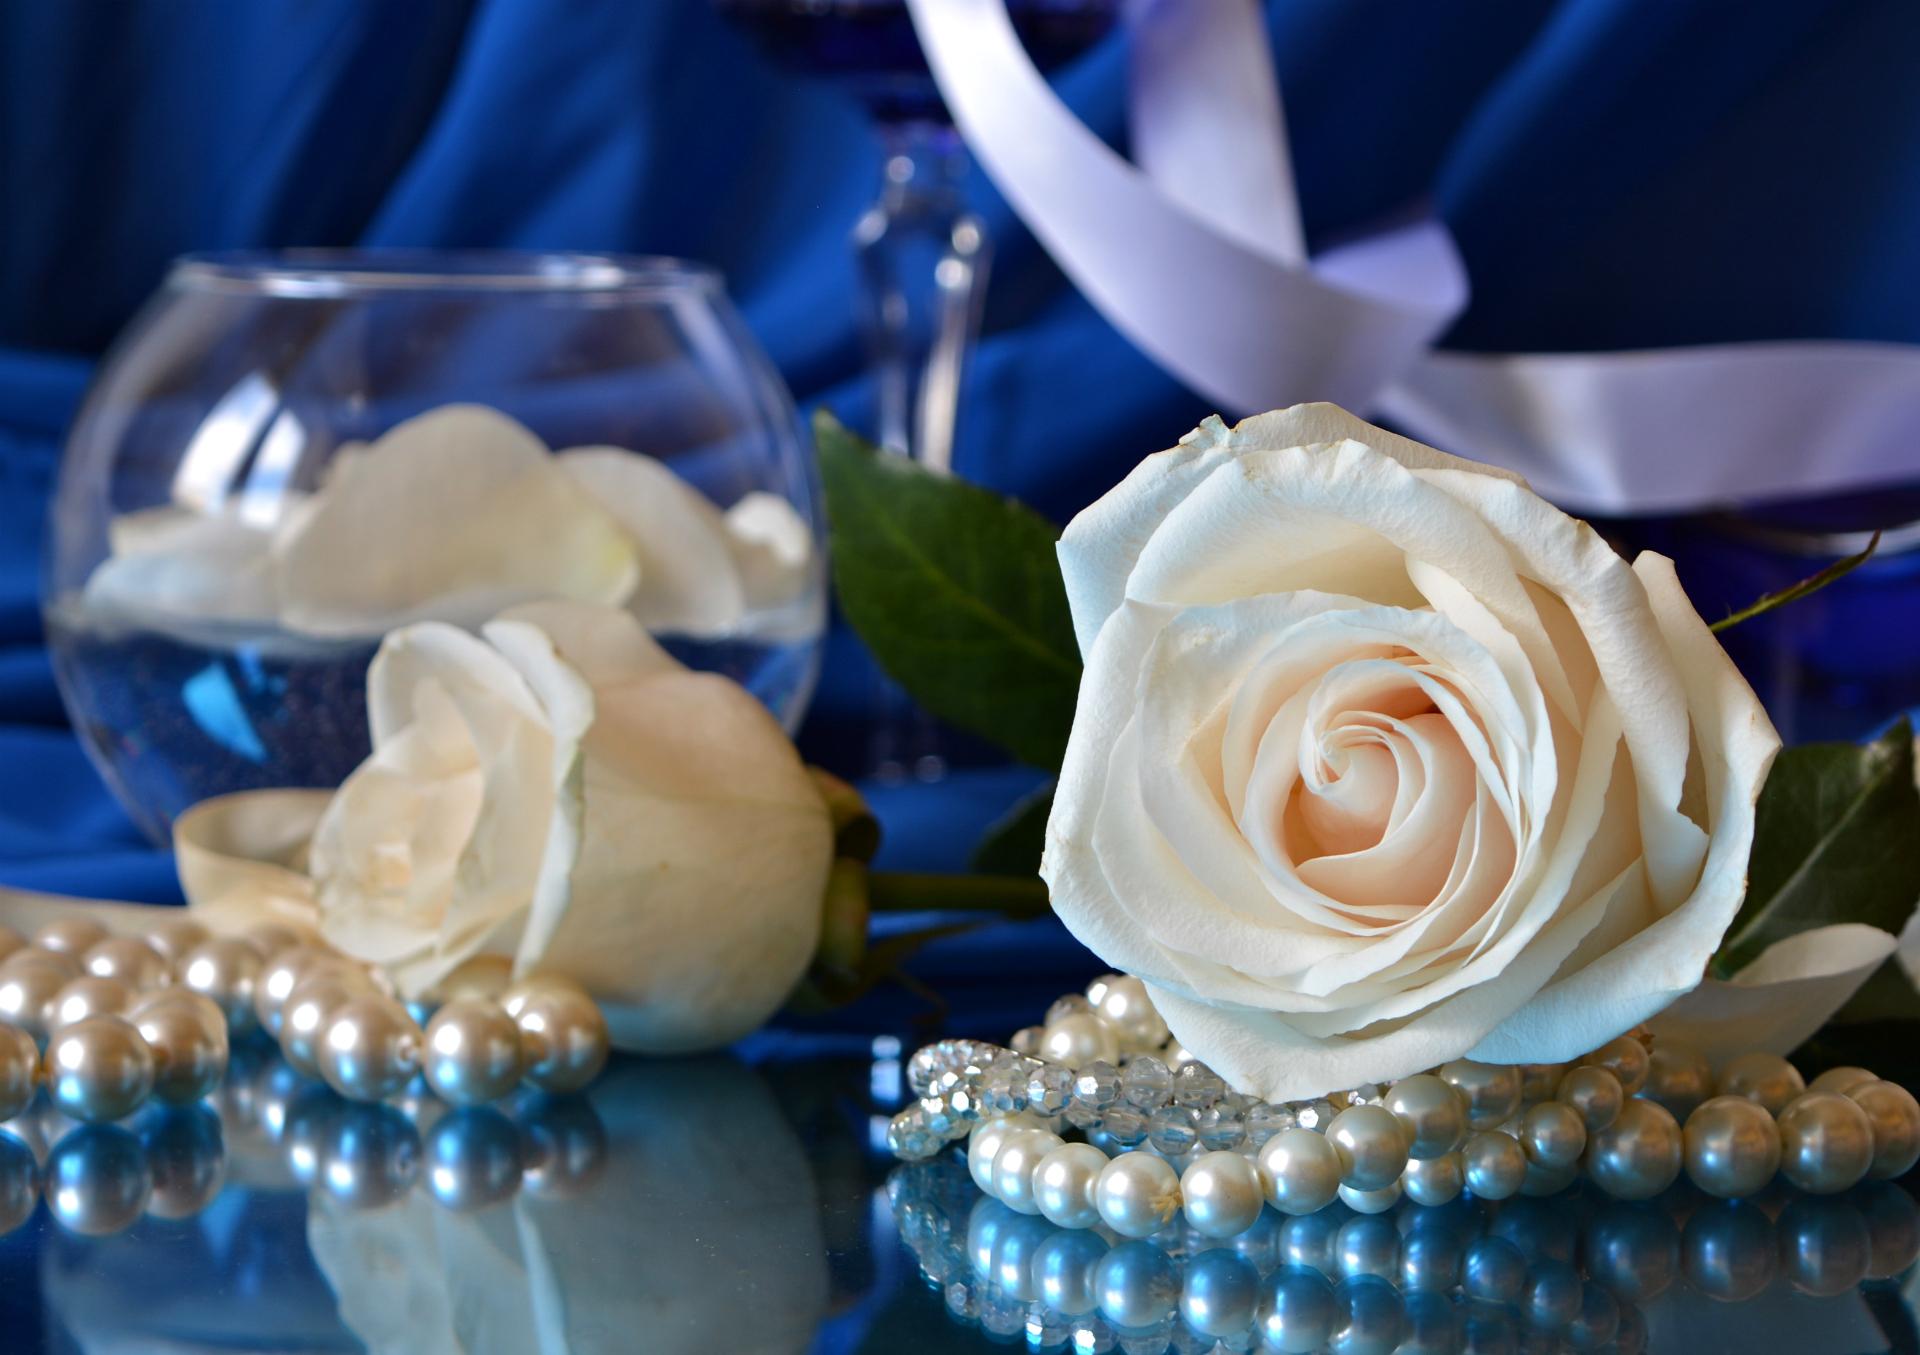 картинки на телефон жемчуг и цветы праздника день ввс